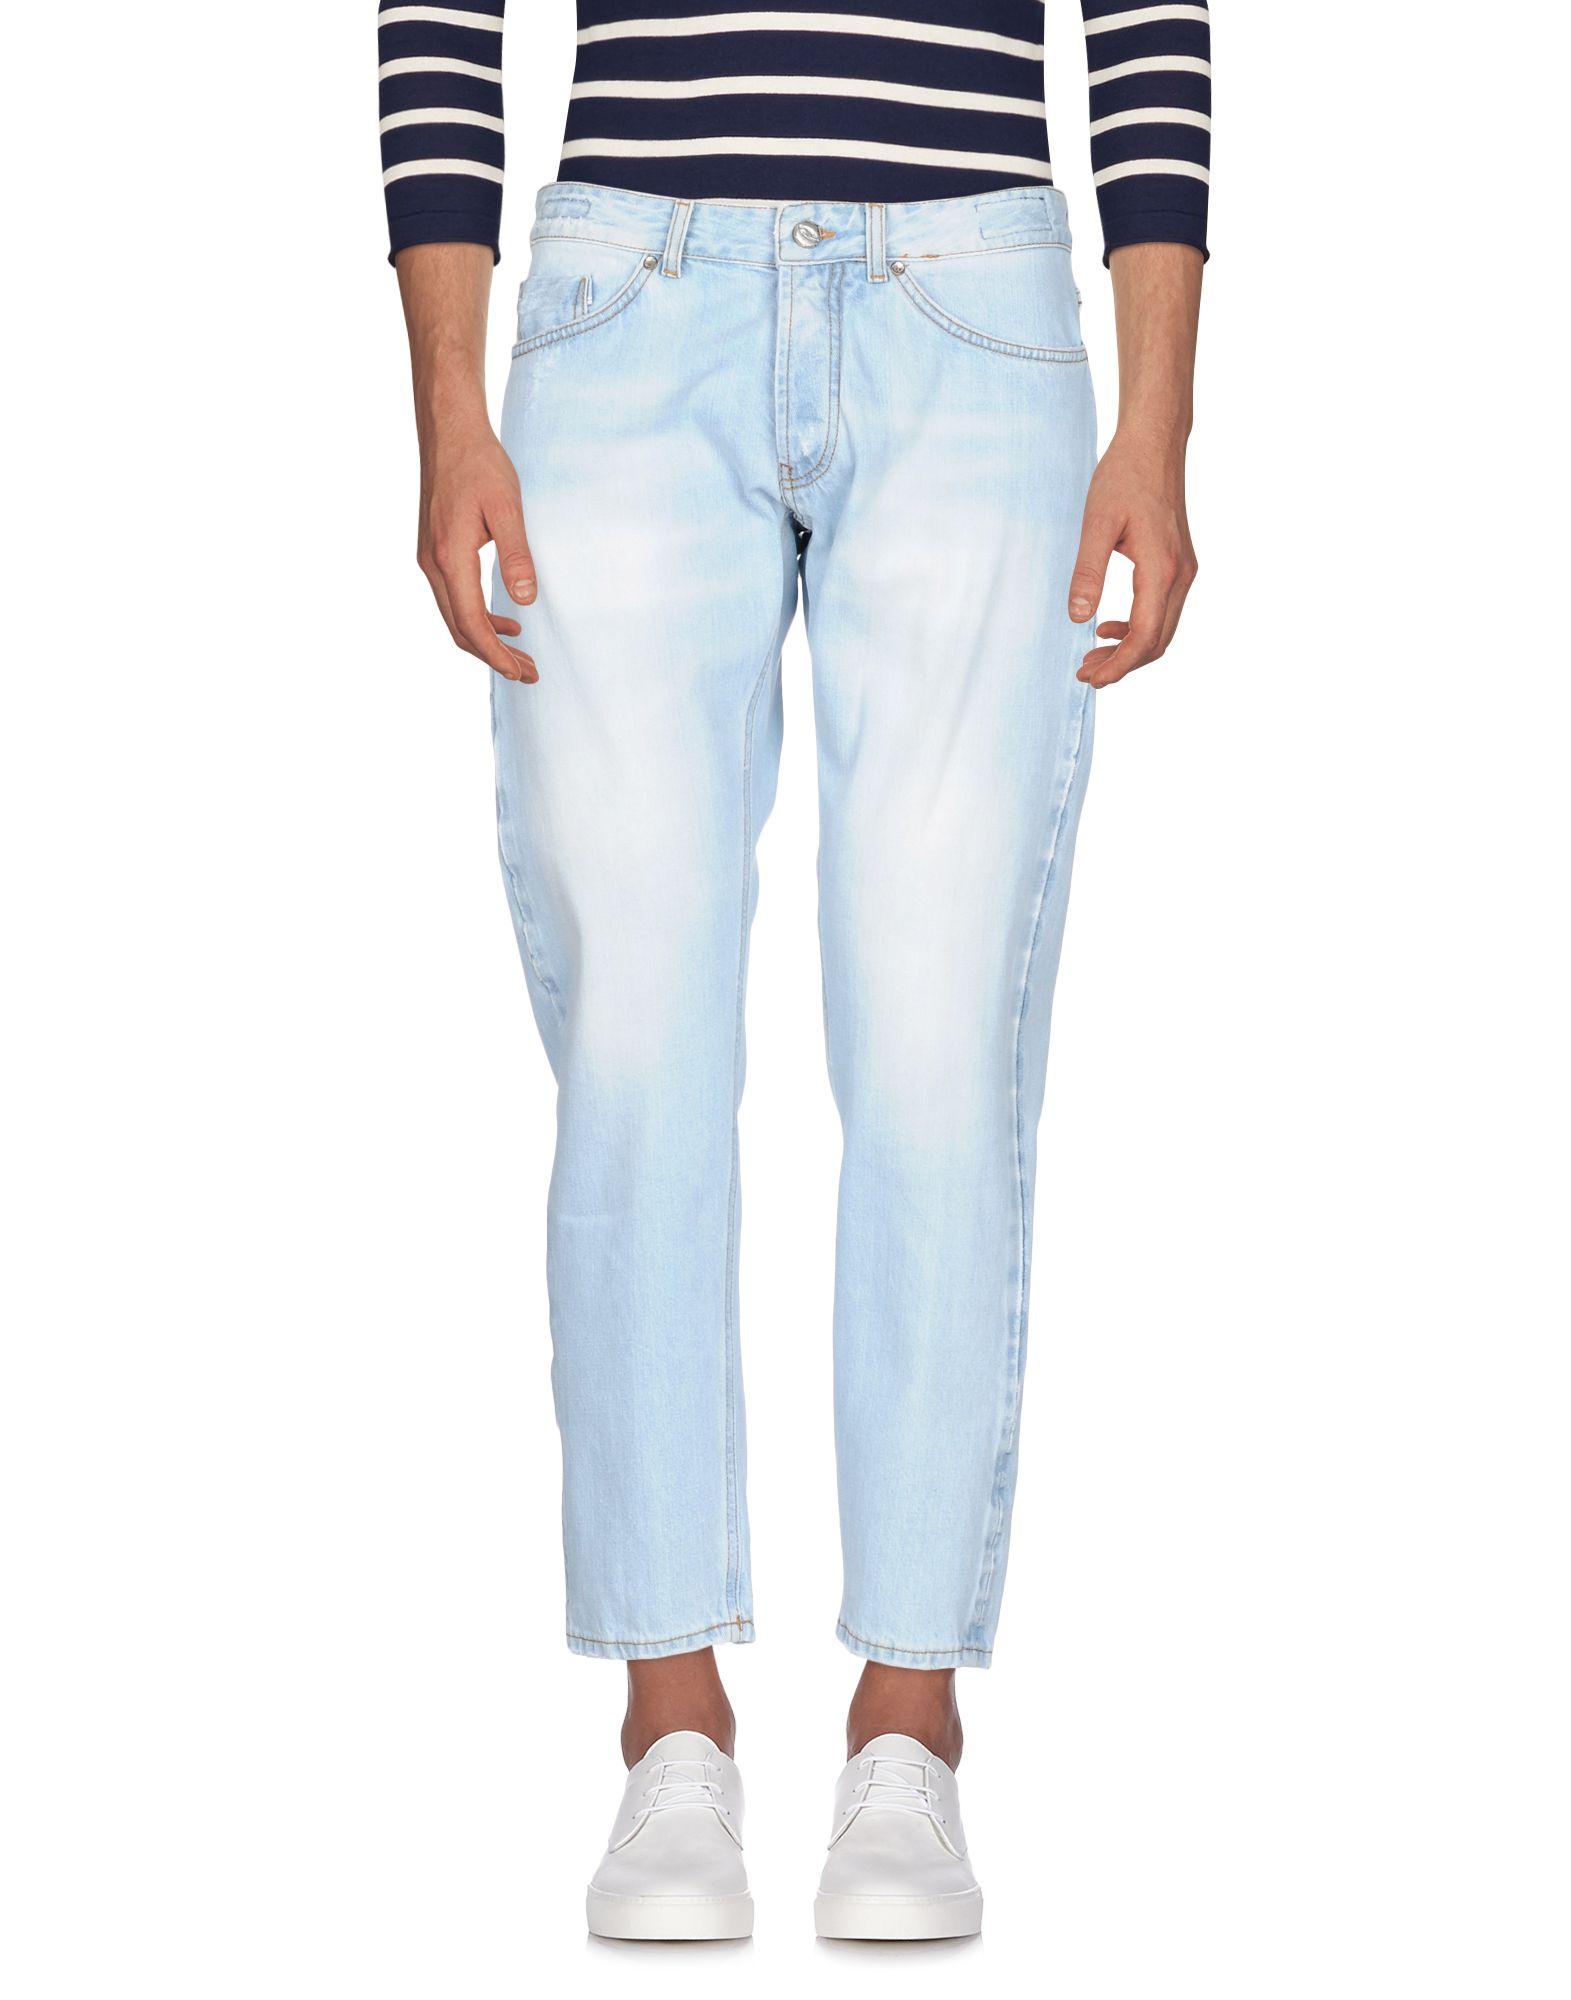 MICHAEL COAL Джинсовые брюки женские брюки лэйт светлый размер 50